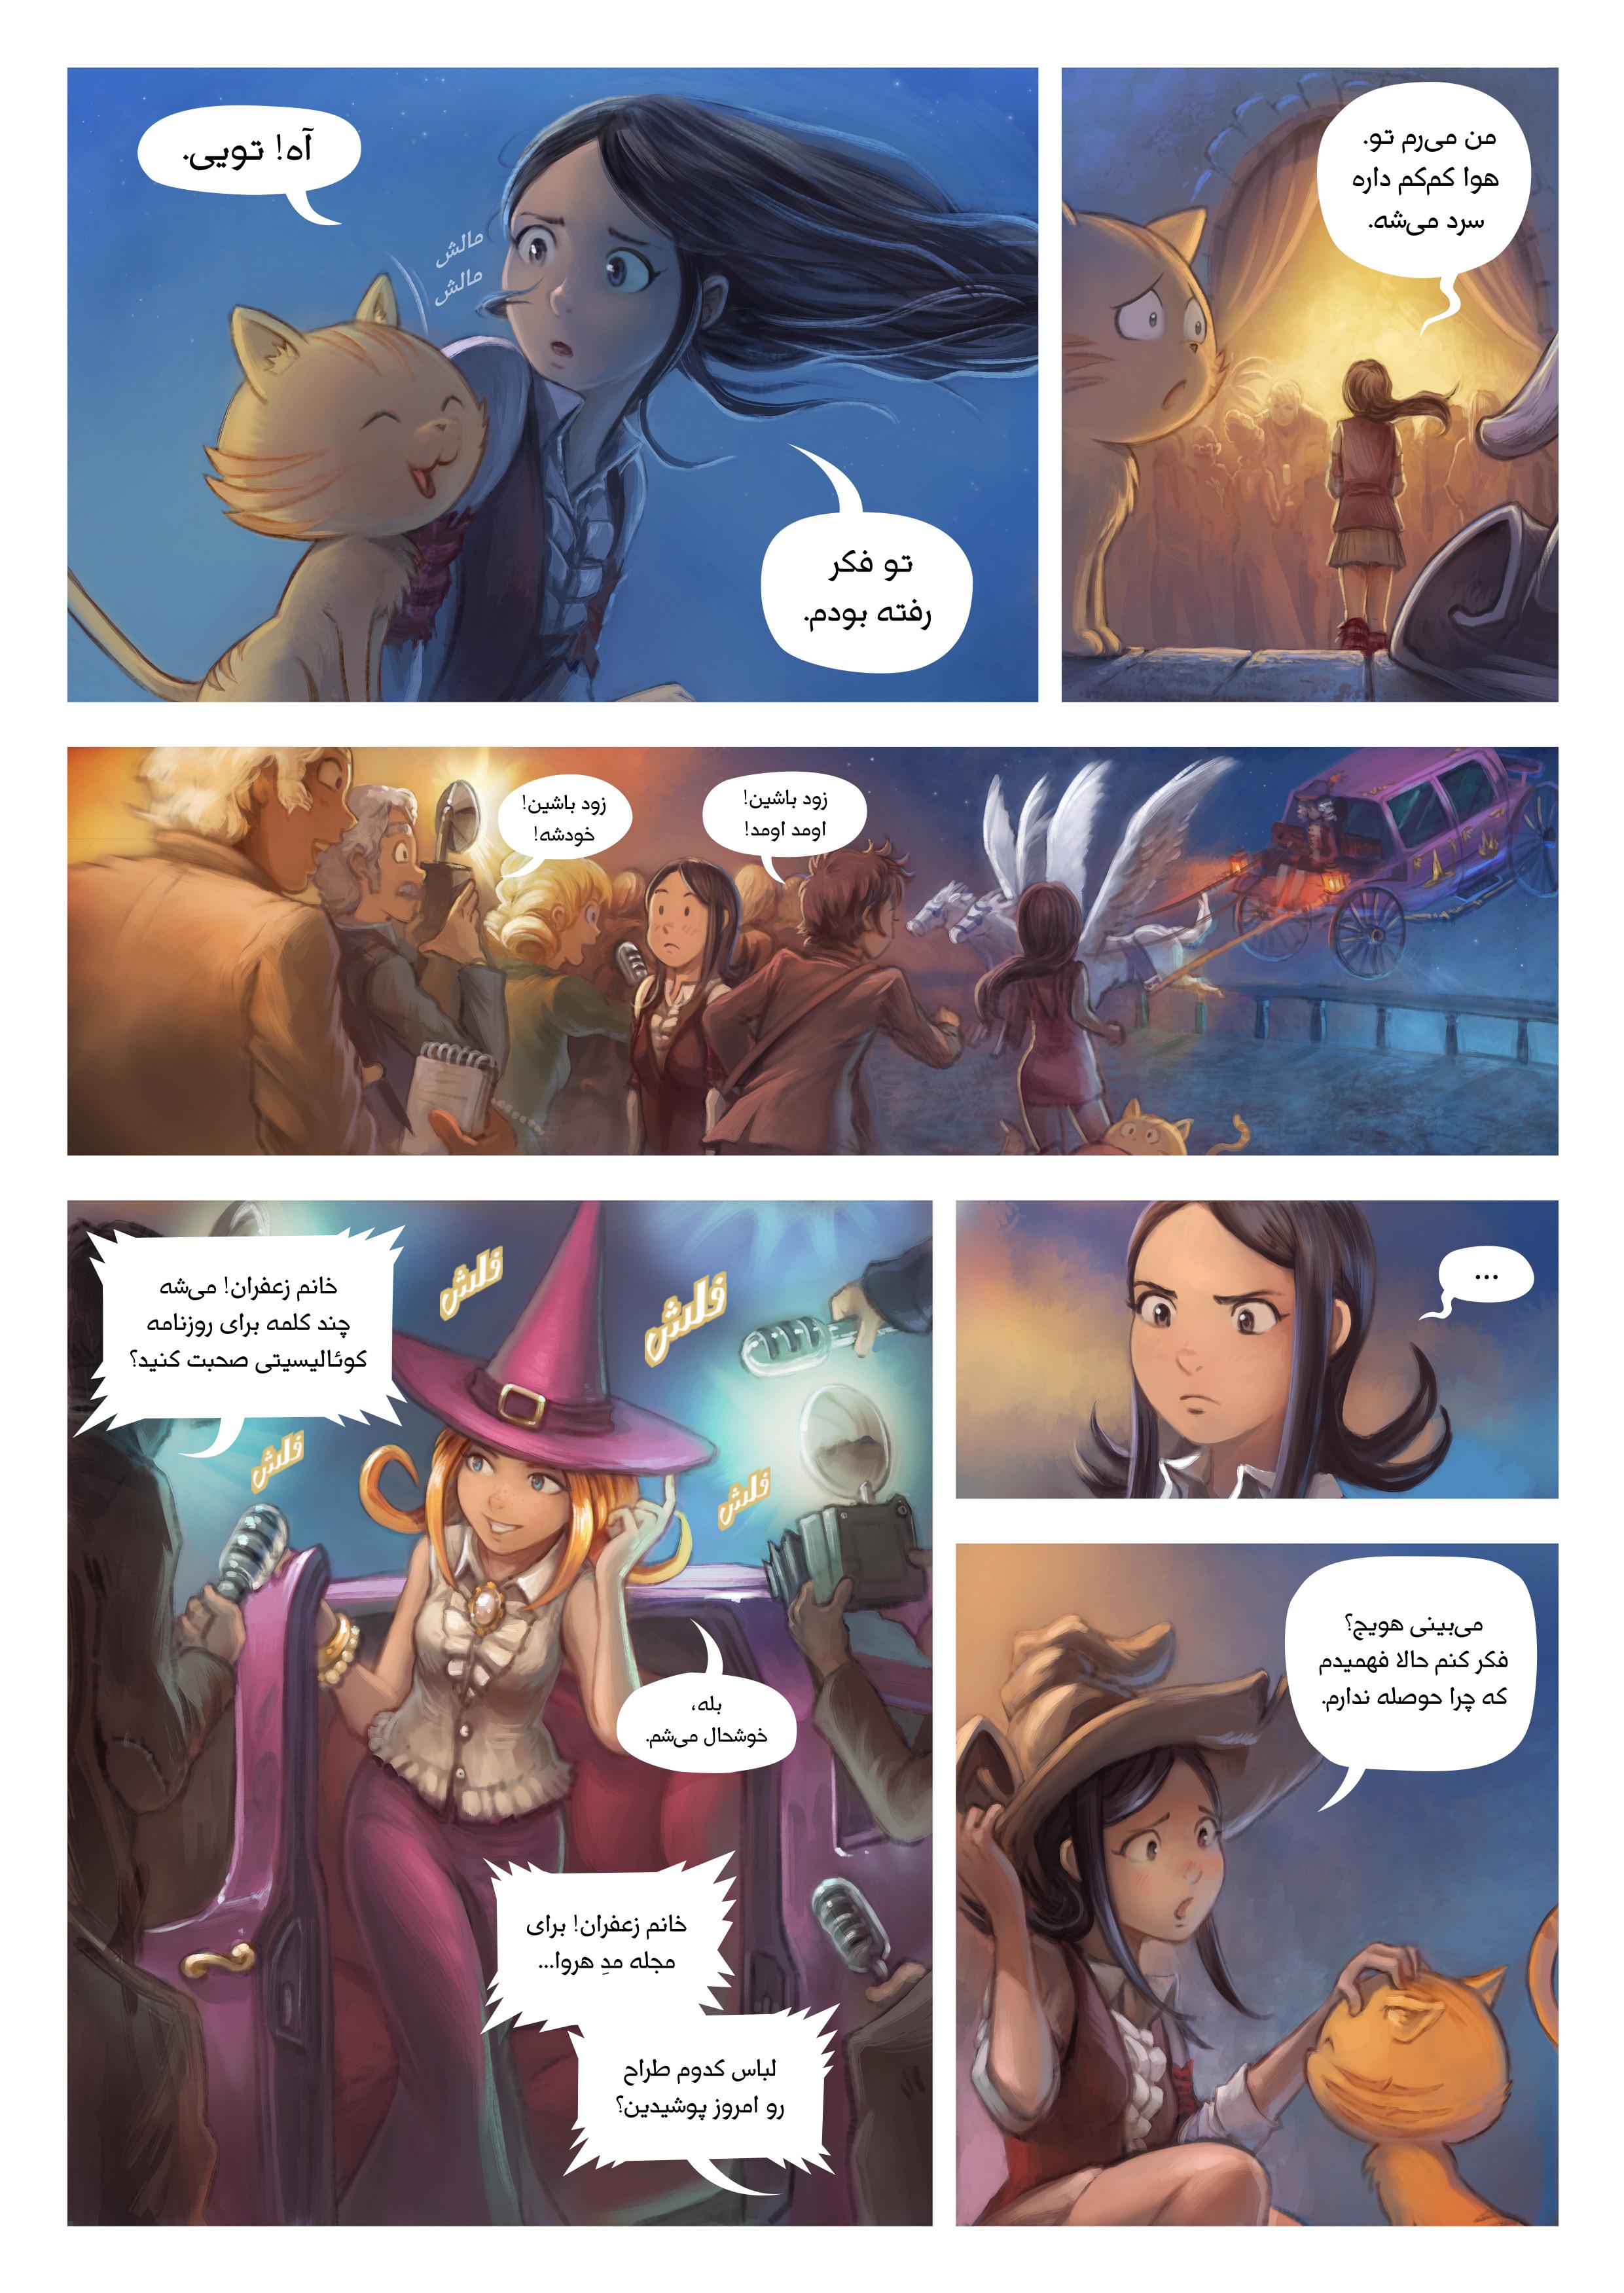 قسمت بیست و هشتم: جشن و سرور, Page 4